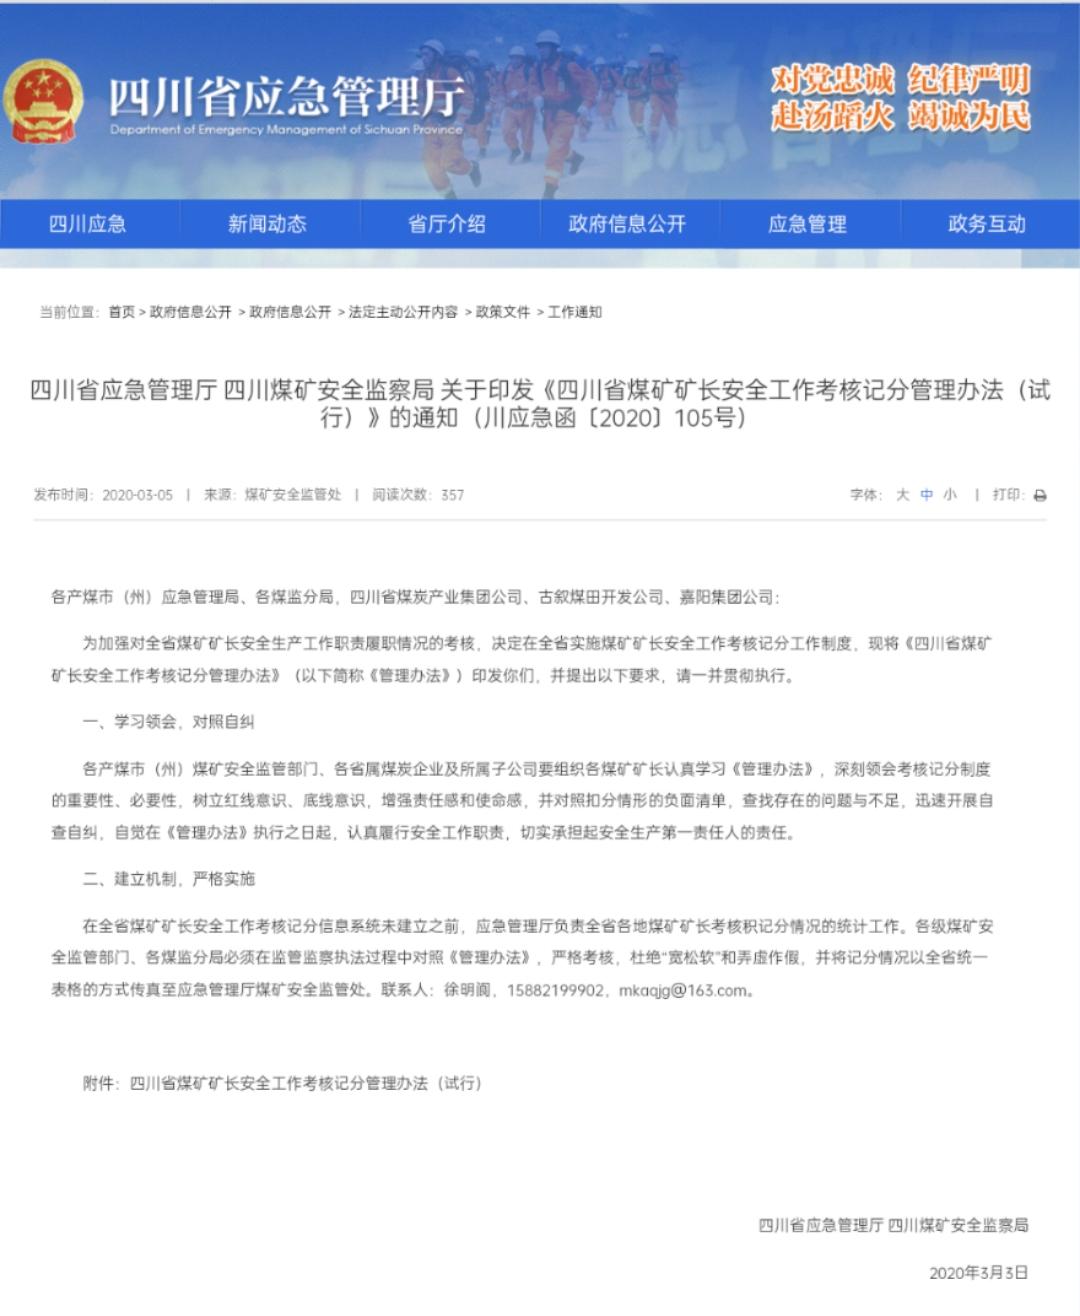 四川对煤矿矿长打分:预计下月执行 最重罚5年禁业图片